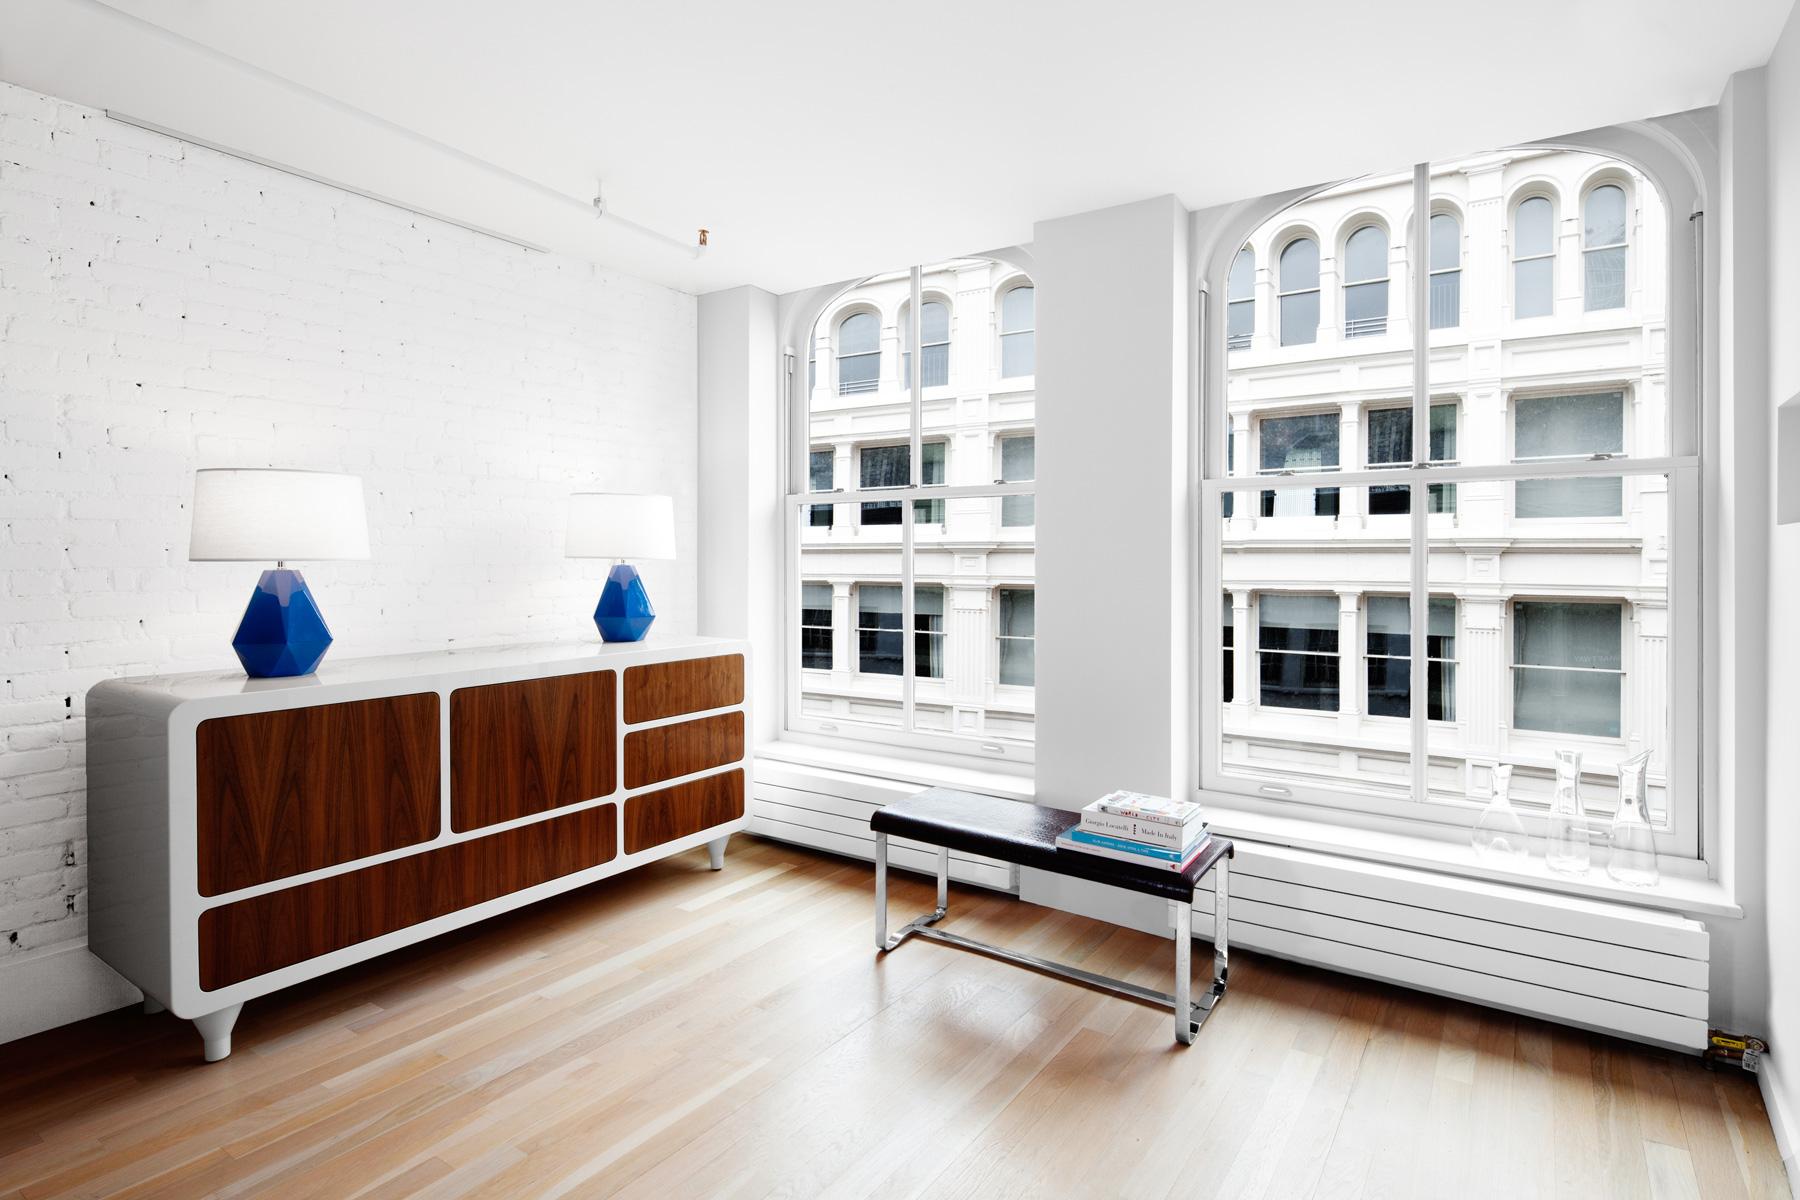 Mercer Street Residence